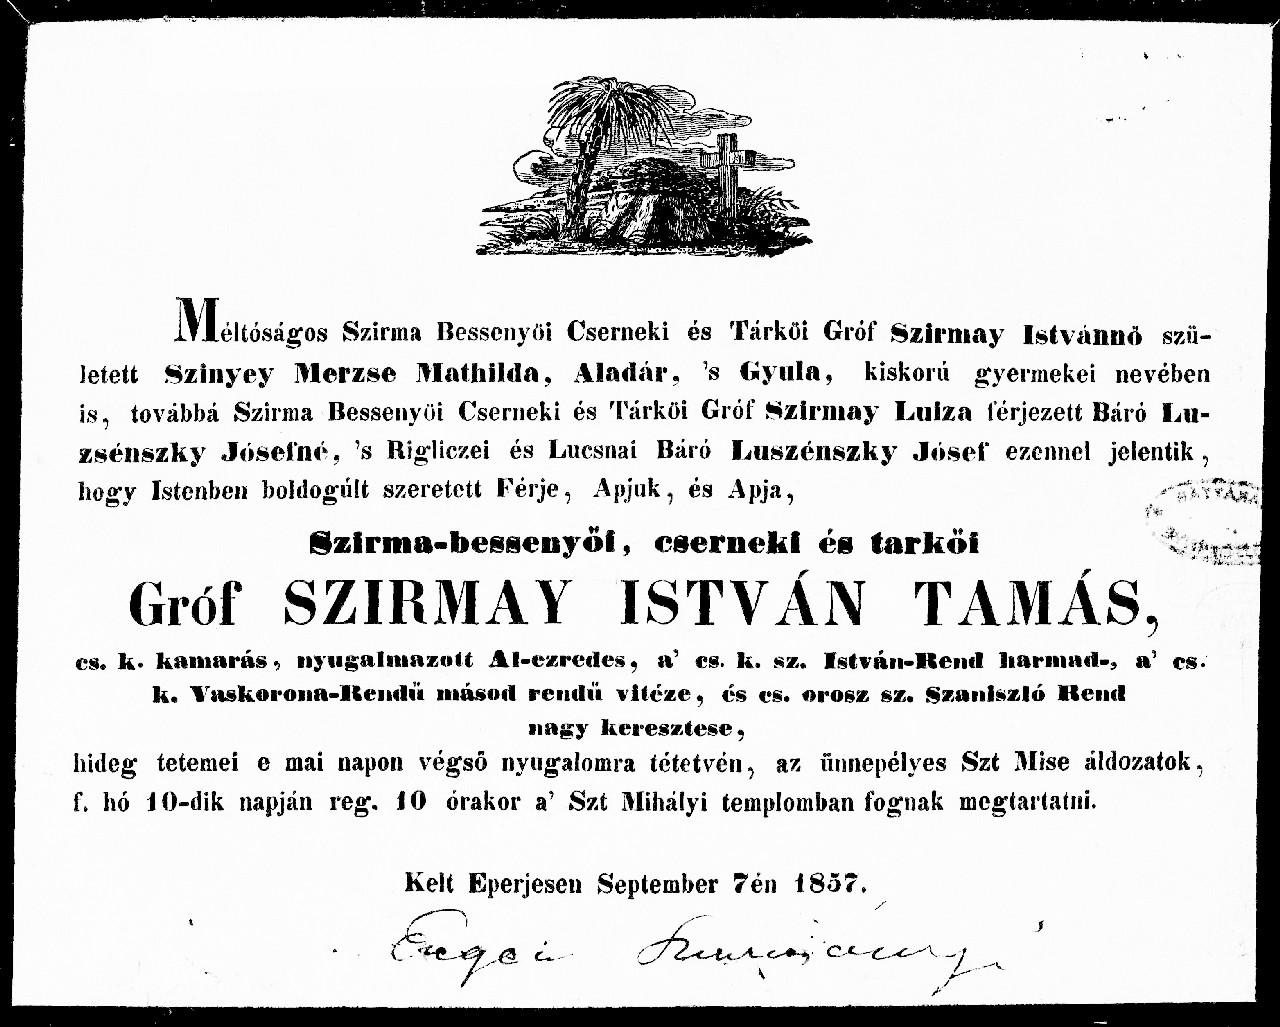 gr_szirmay-istvan-tamas_d1857_2.jpg